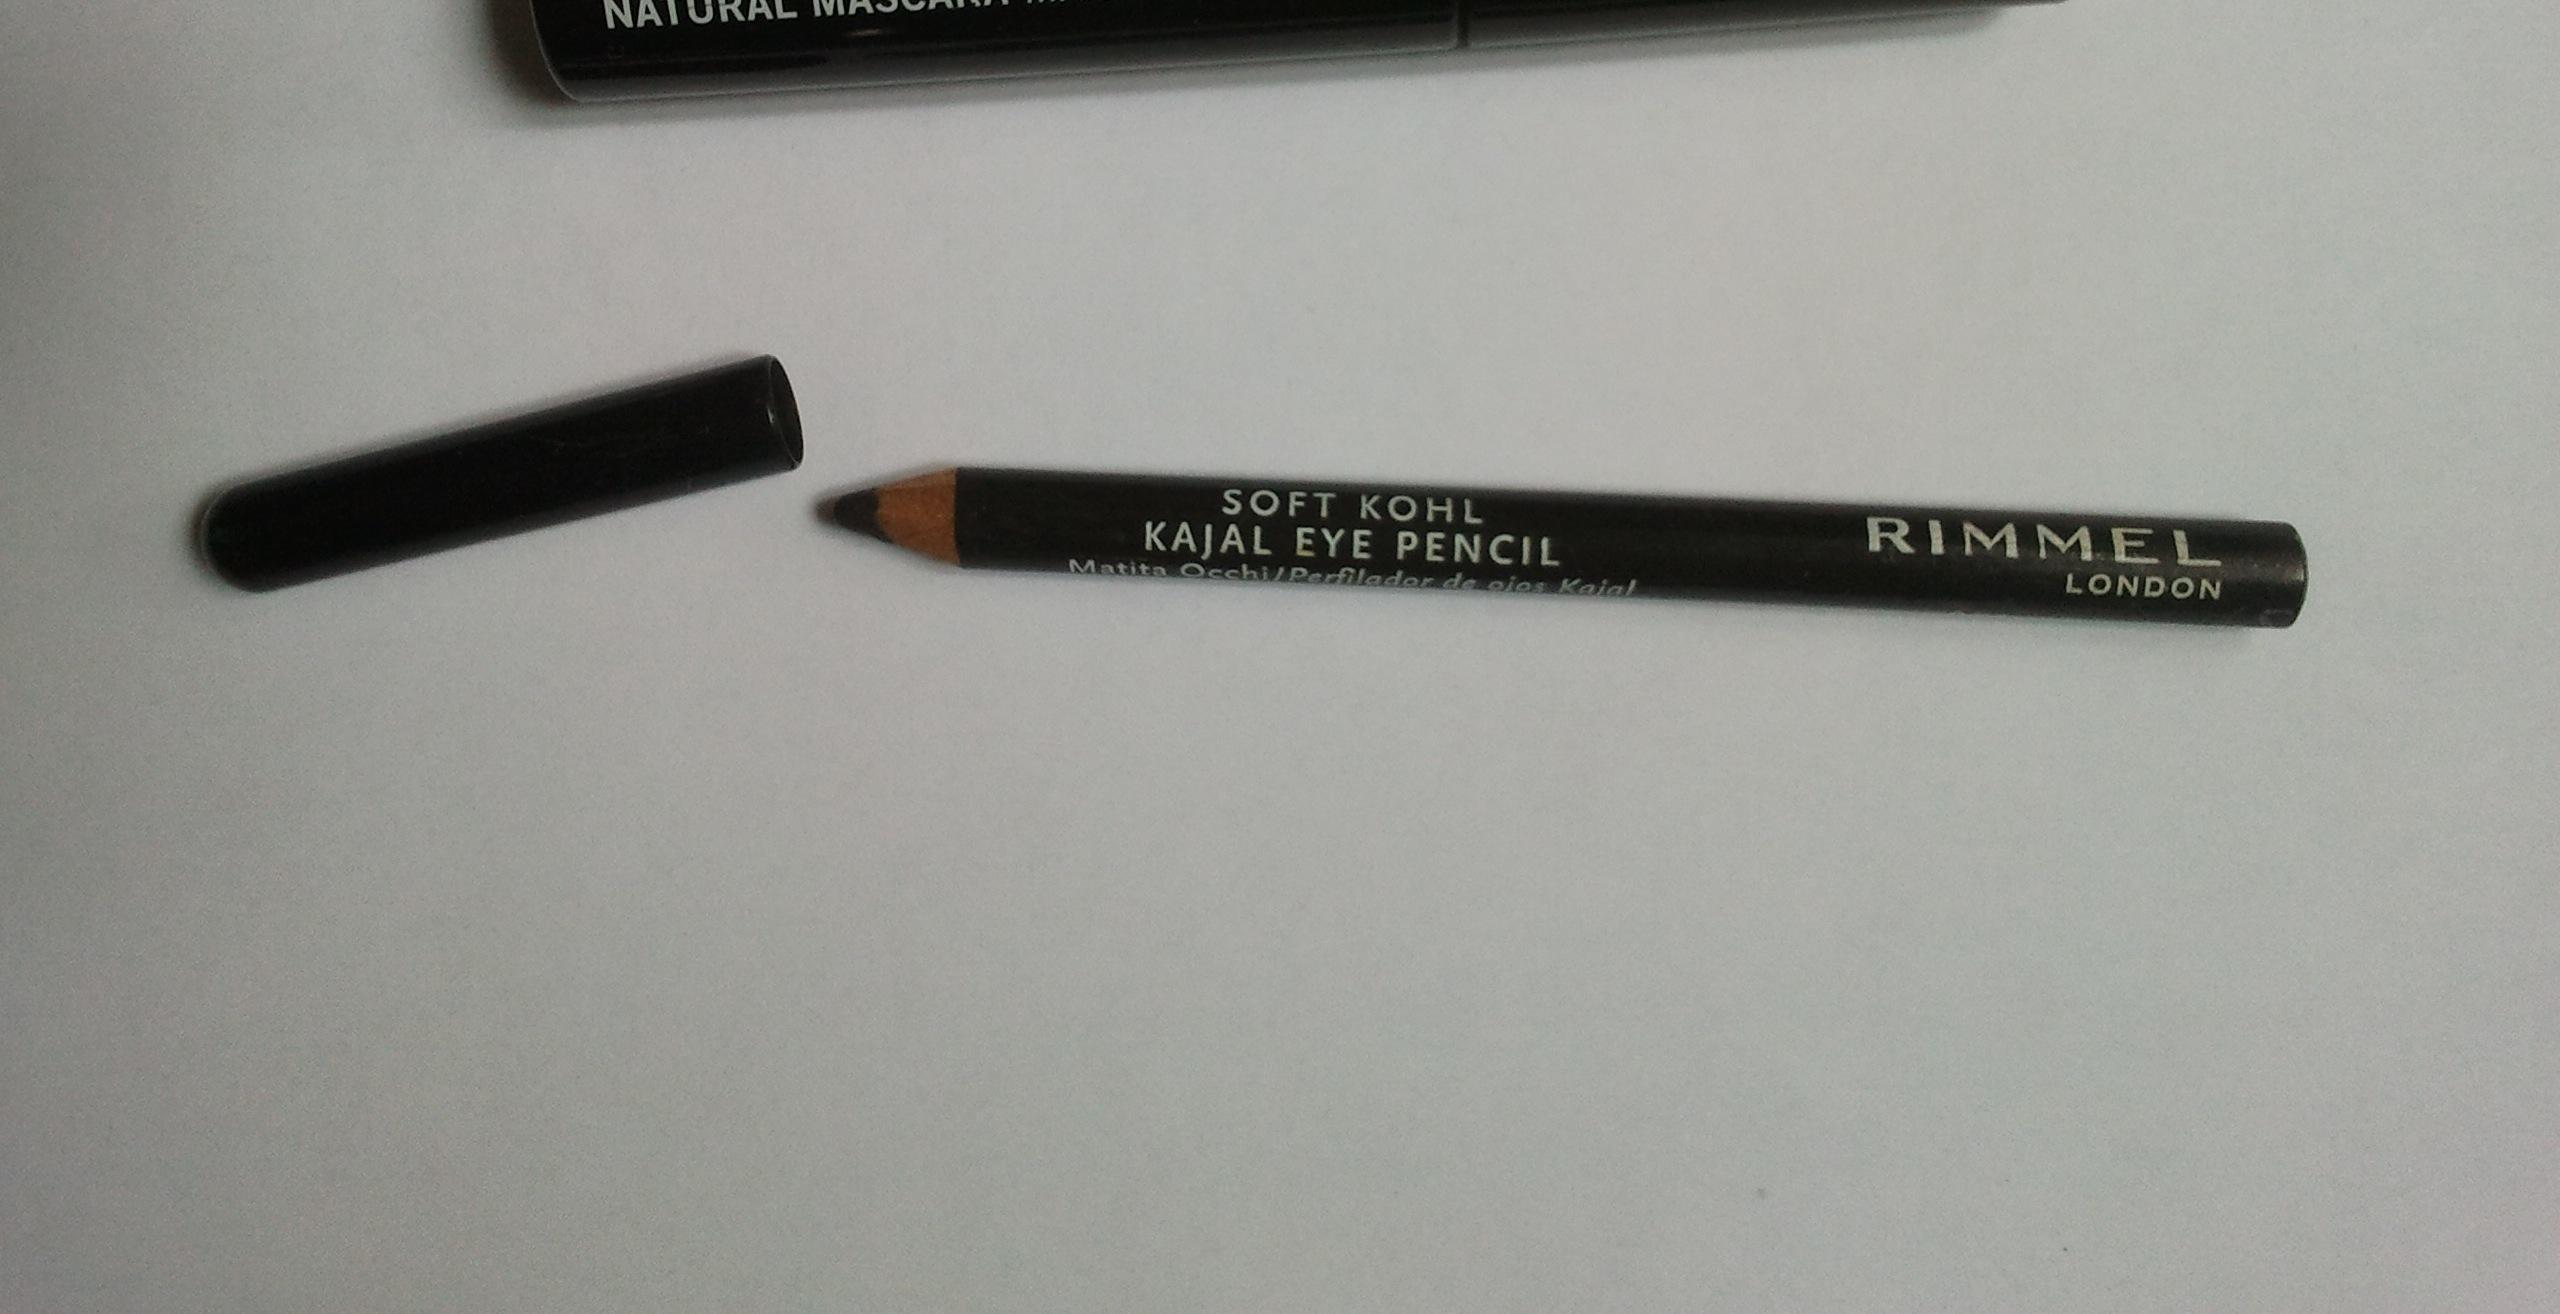 troc de troc 1 crayon rimmel london soft khol noir jet black image 0